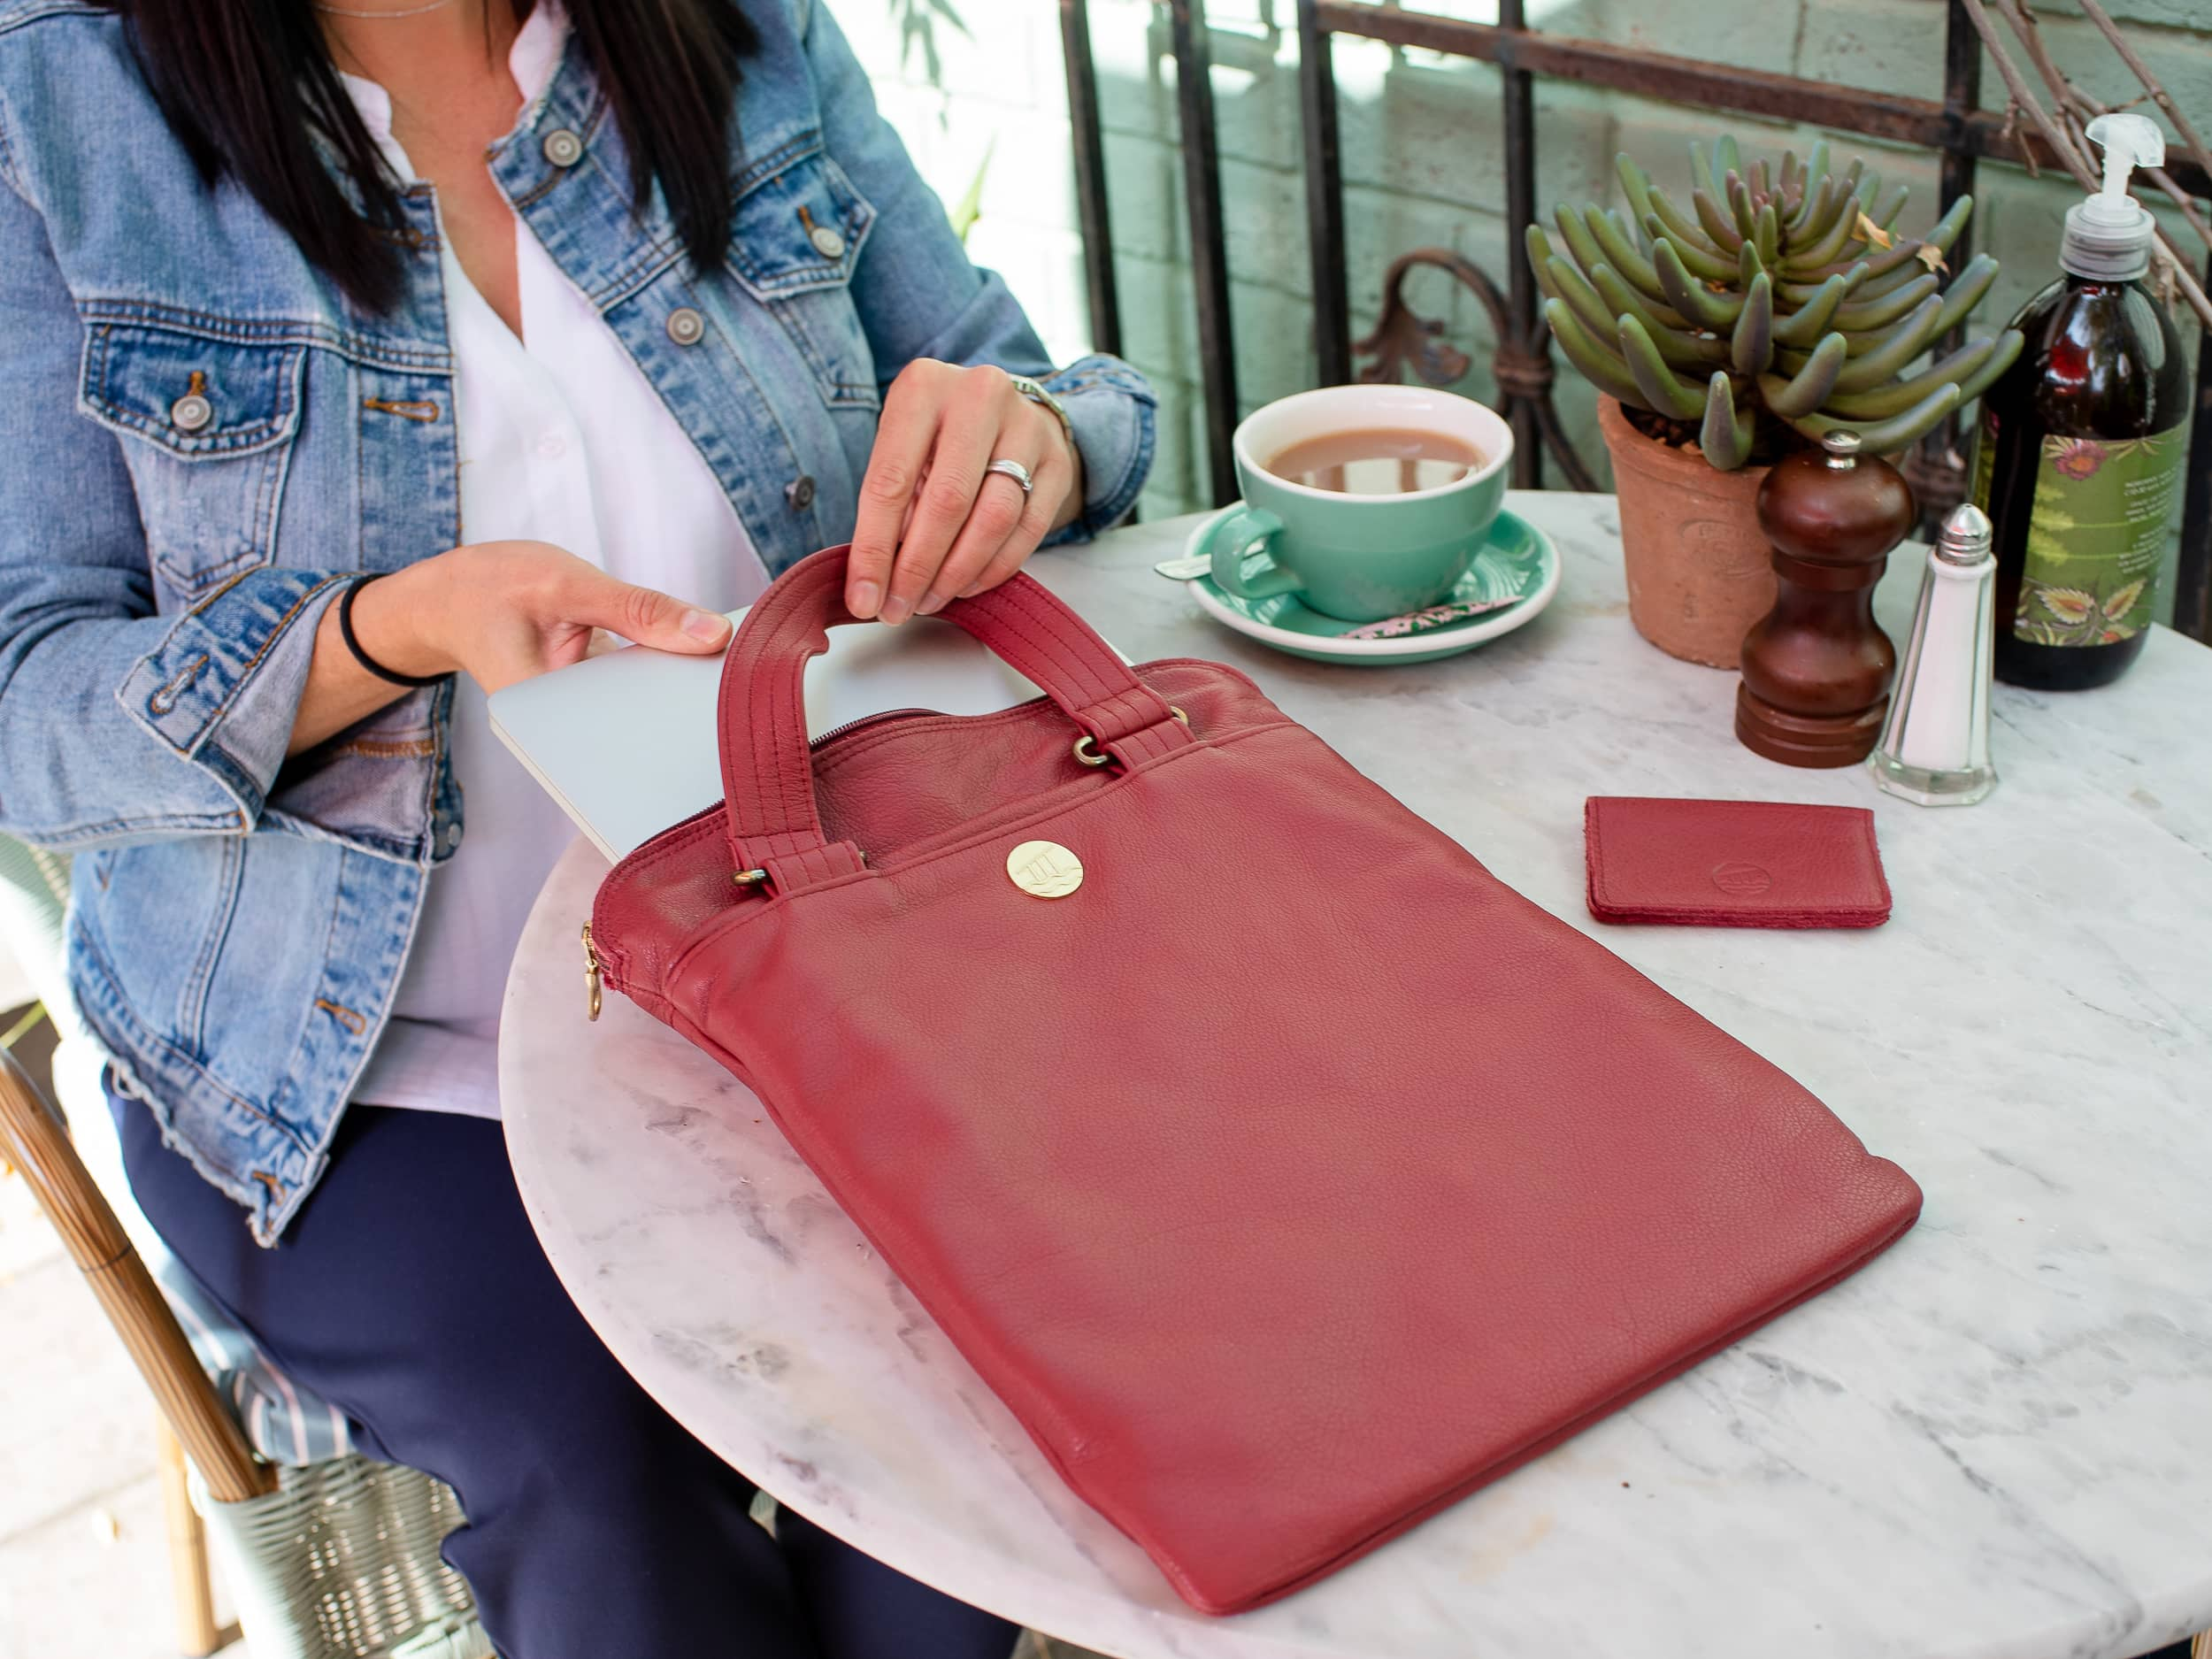 Alderstyle British berry red laptop slee